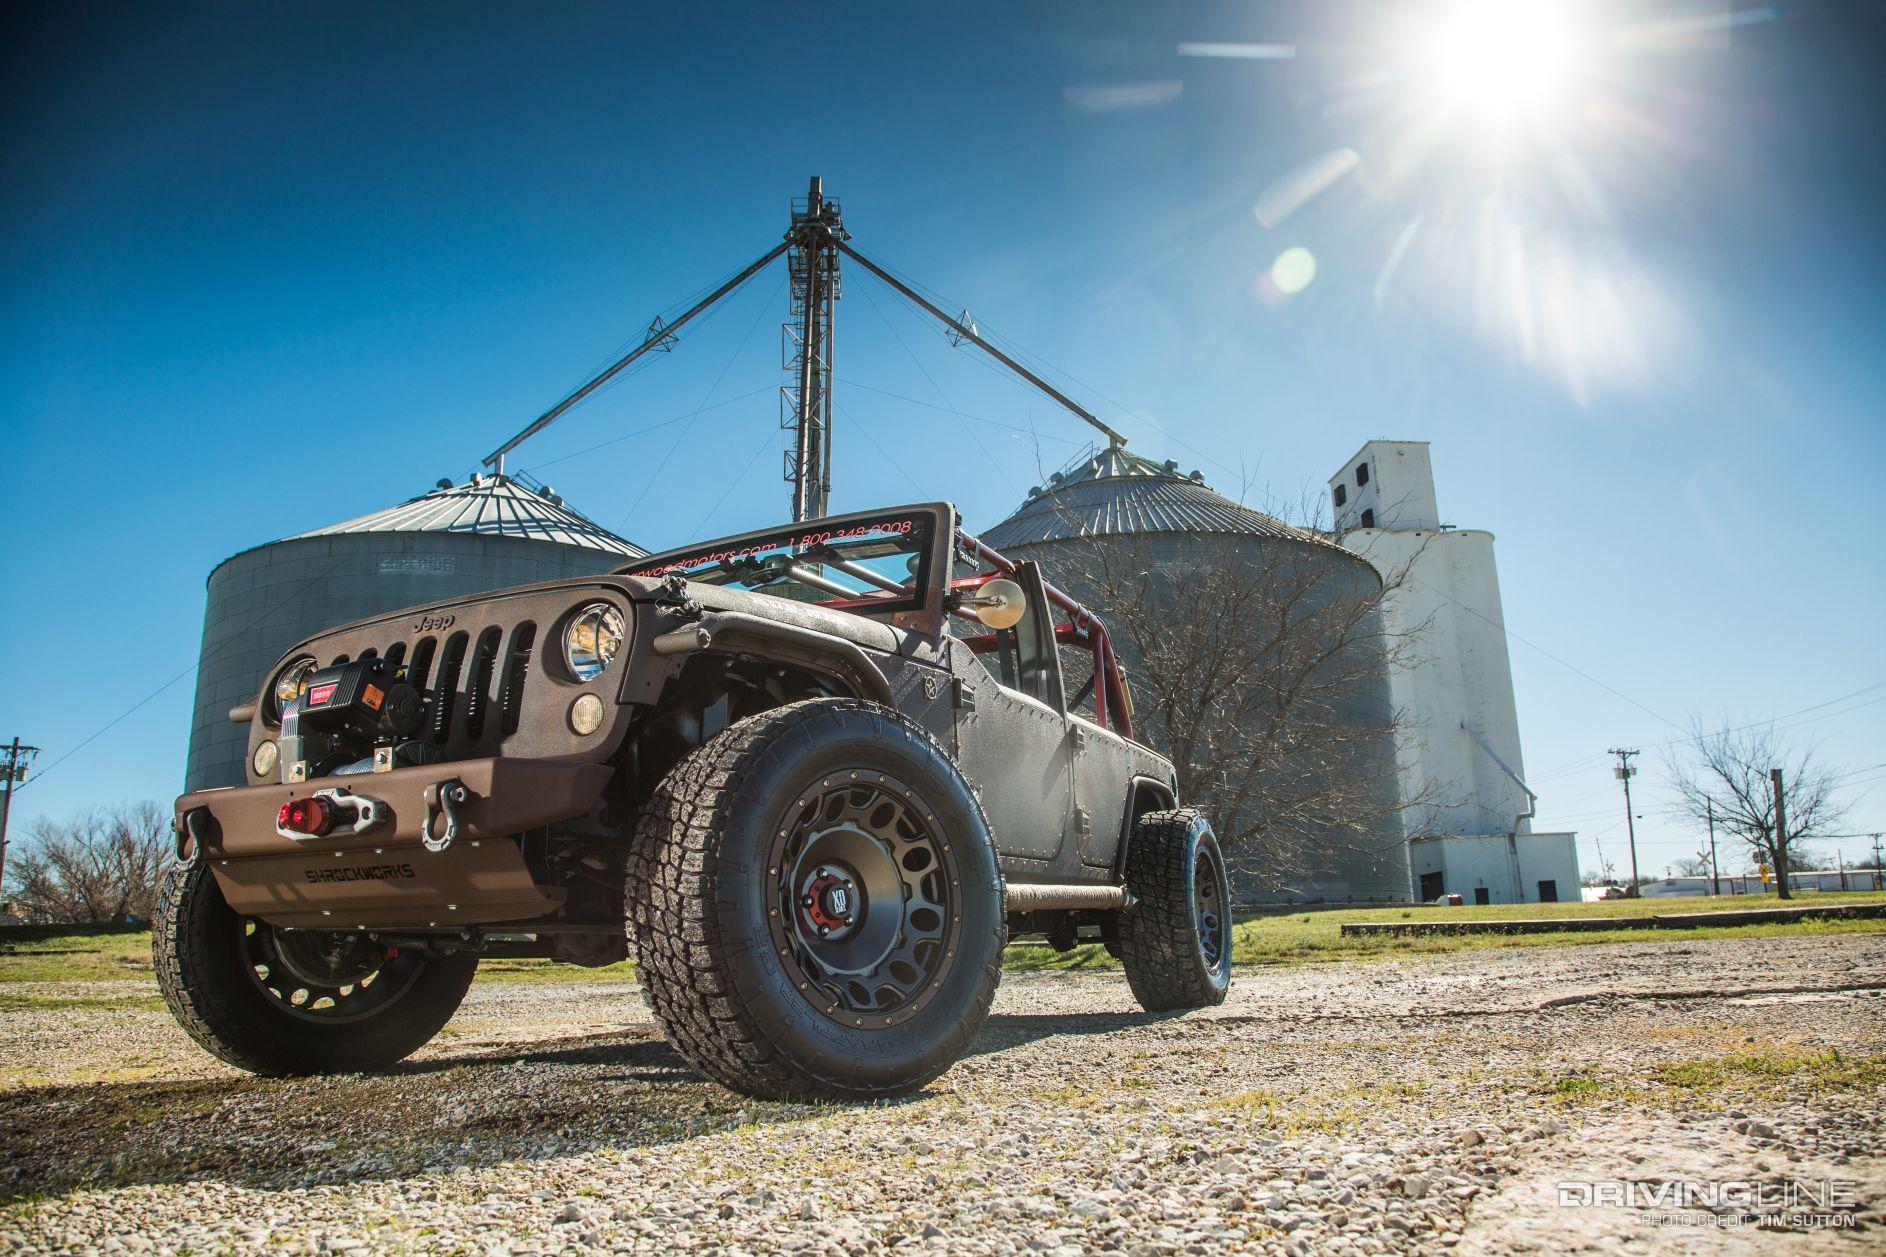 Jeep Wrangler Jk Front Bumper >> Starwood Motors Jeep Wrangler Unlimited Rat Rod JK ...